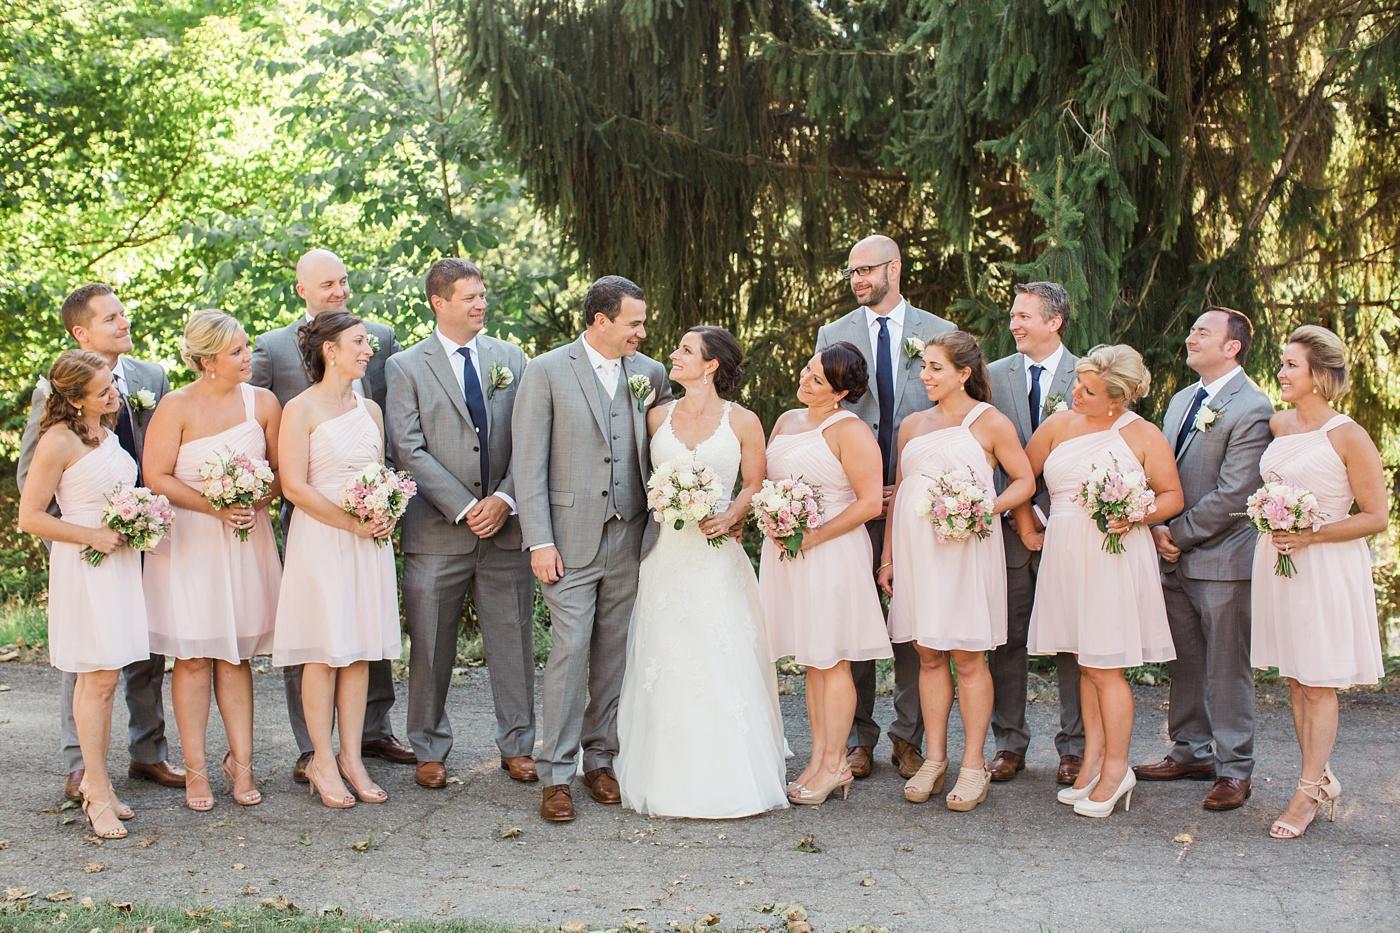 shannopin country club wedding